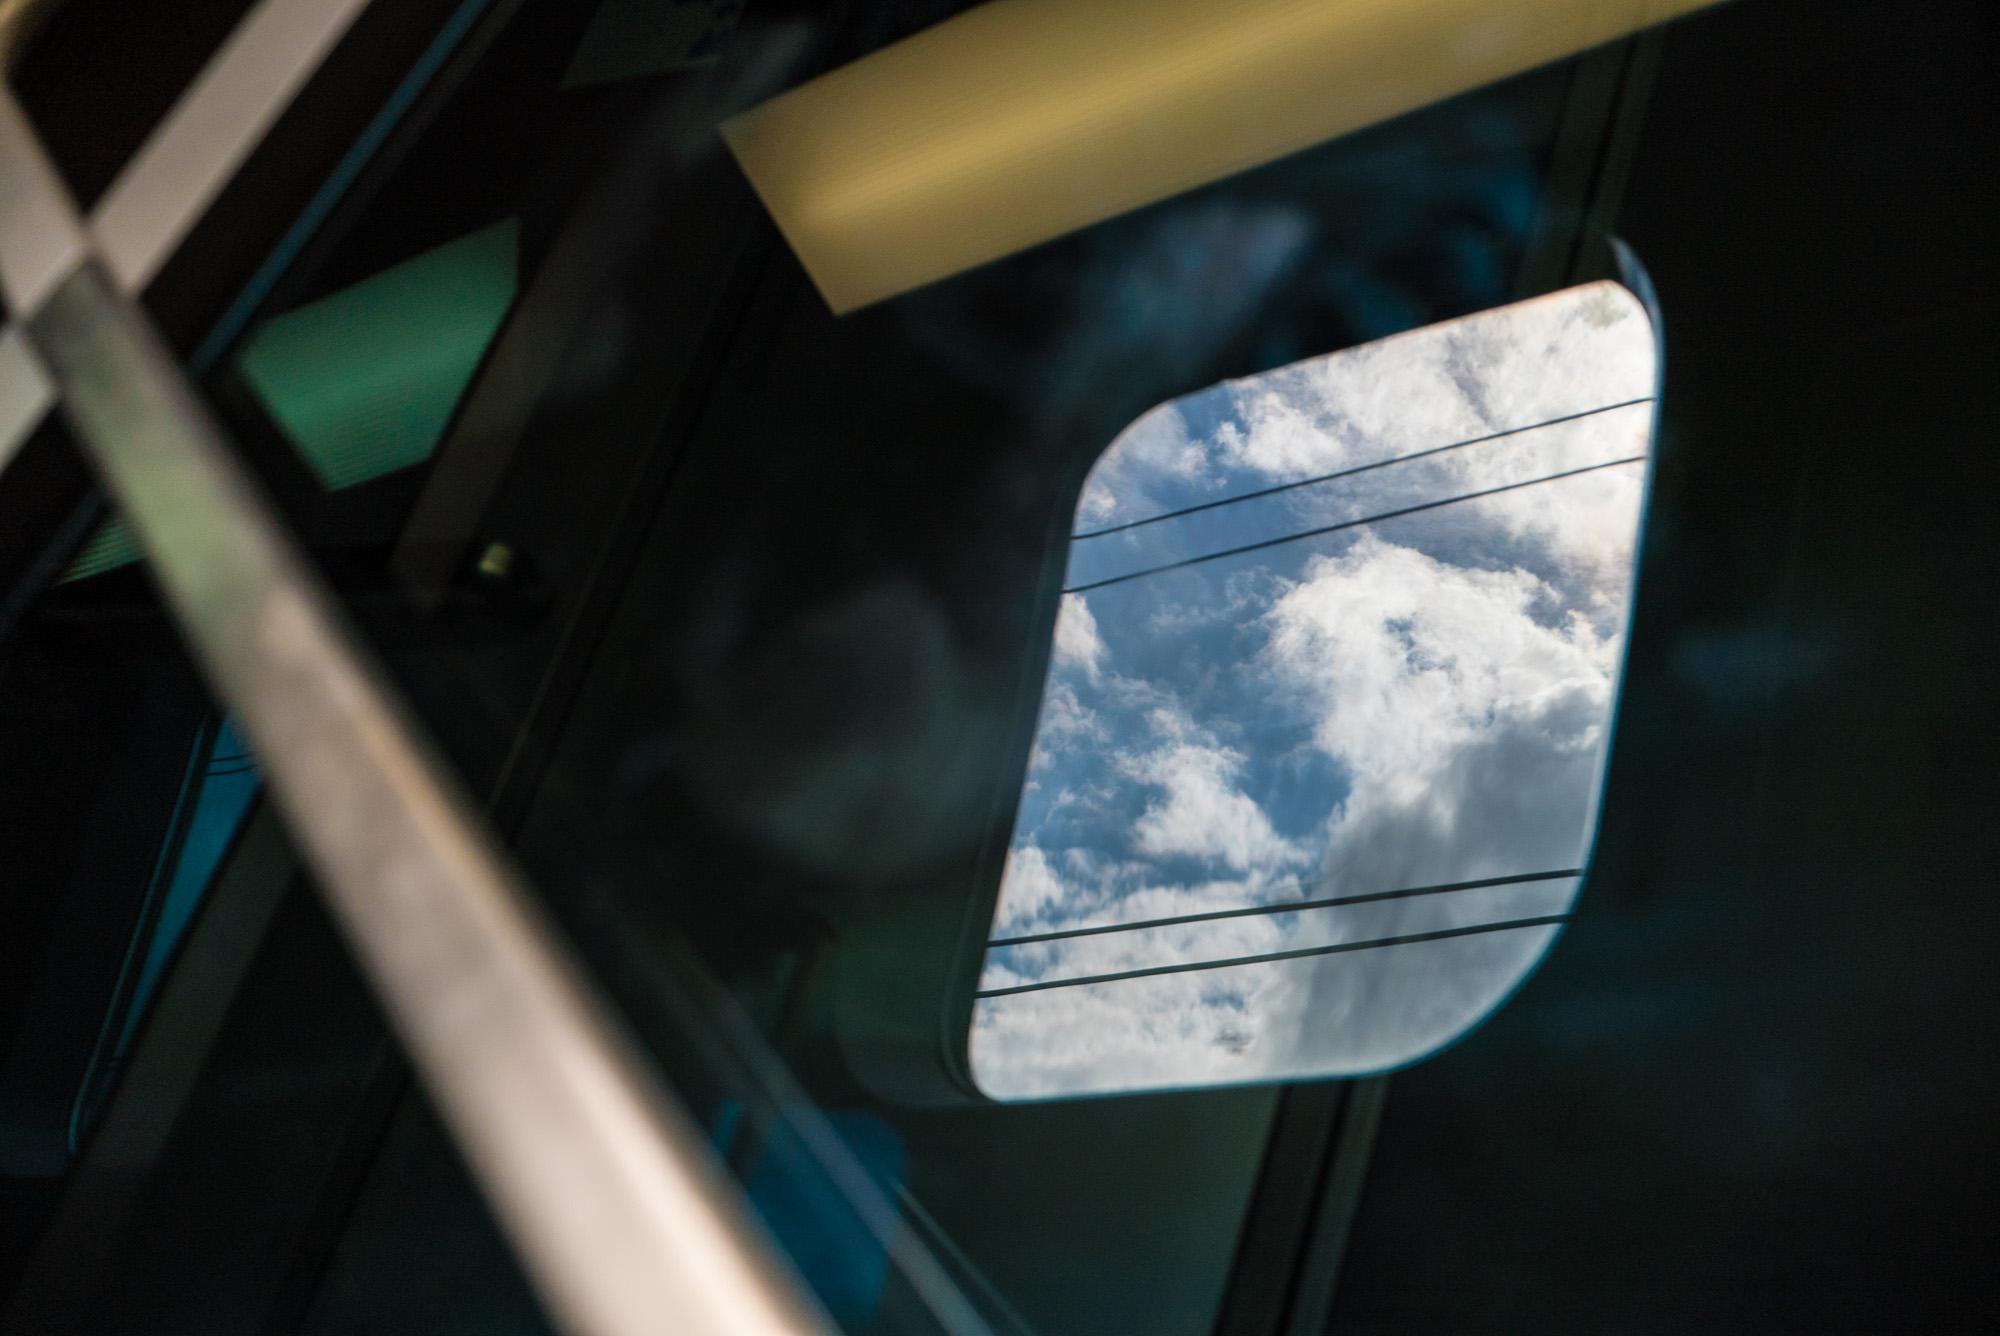 train window, sky